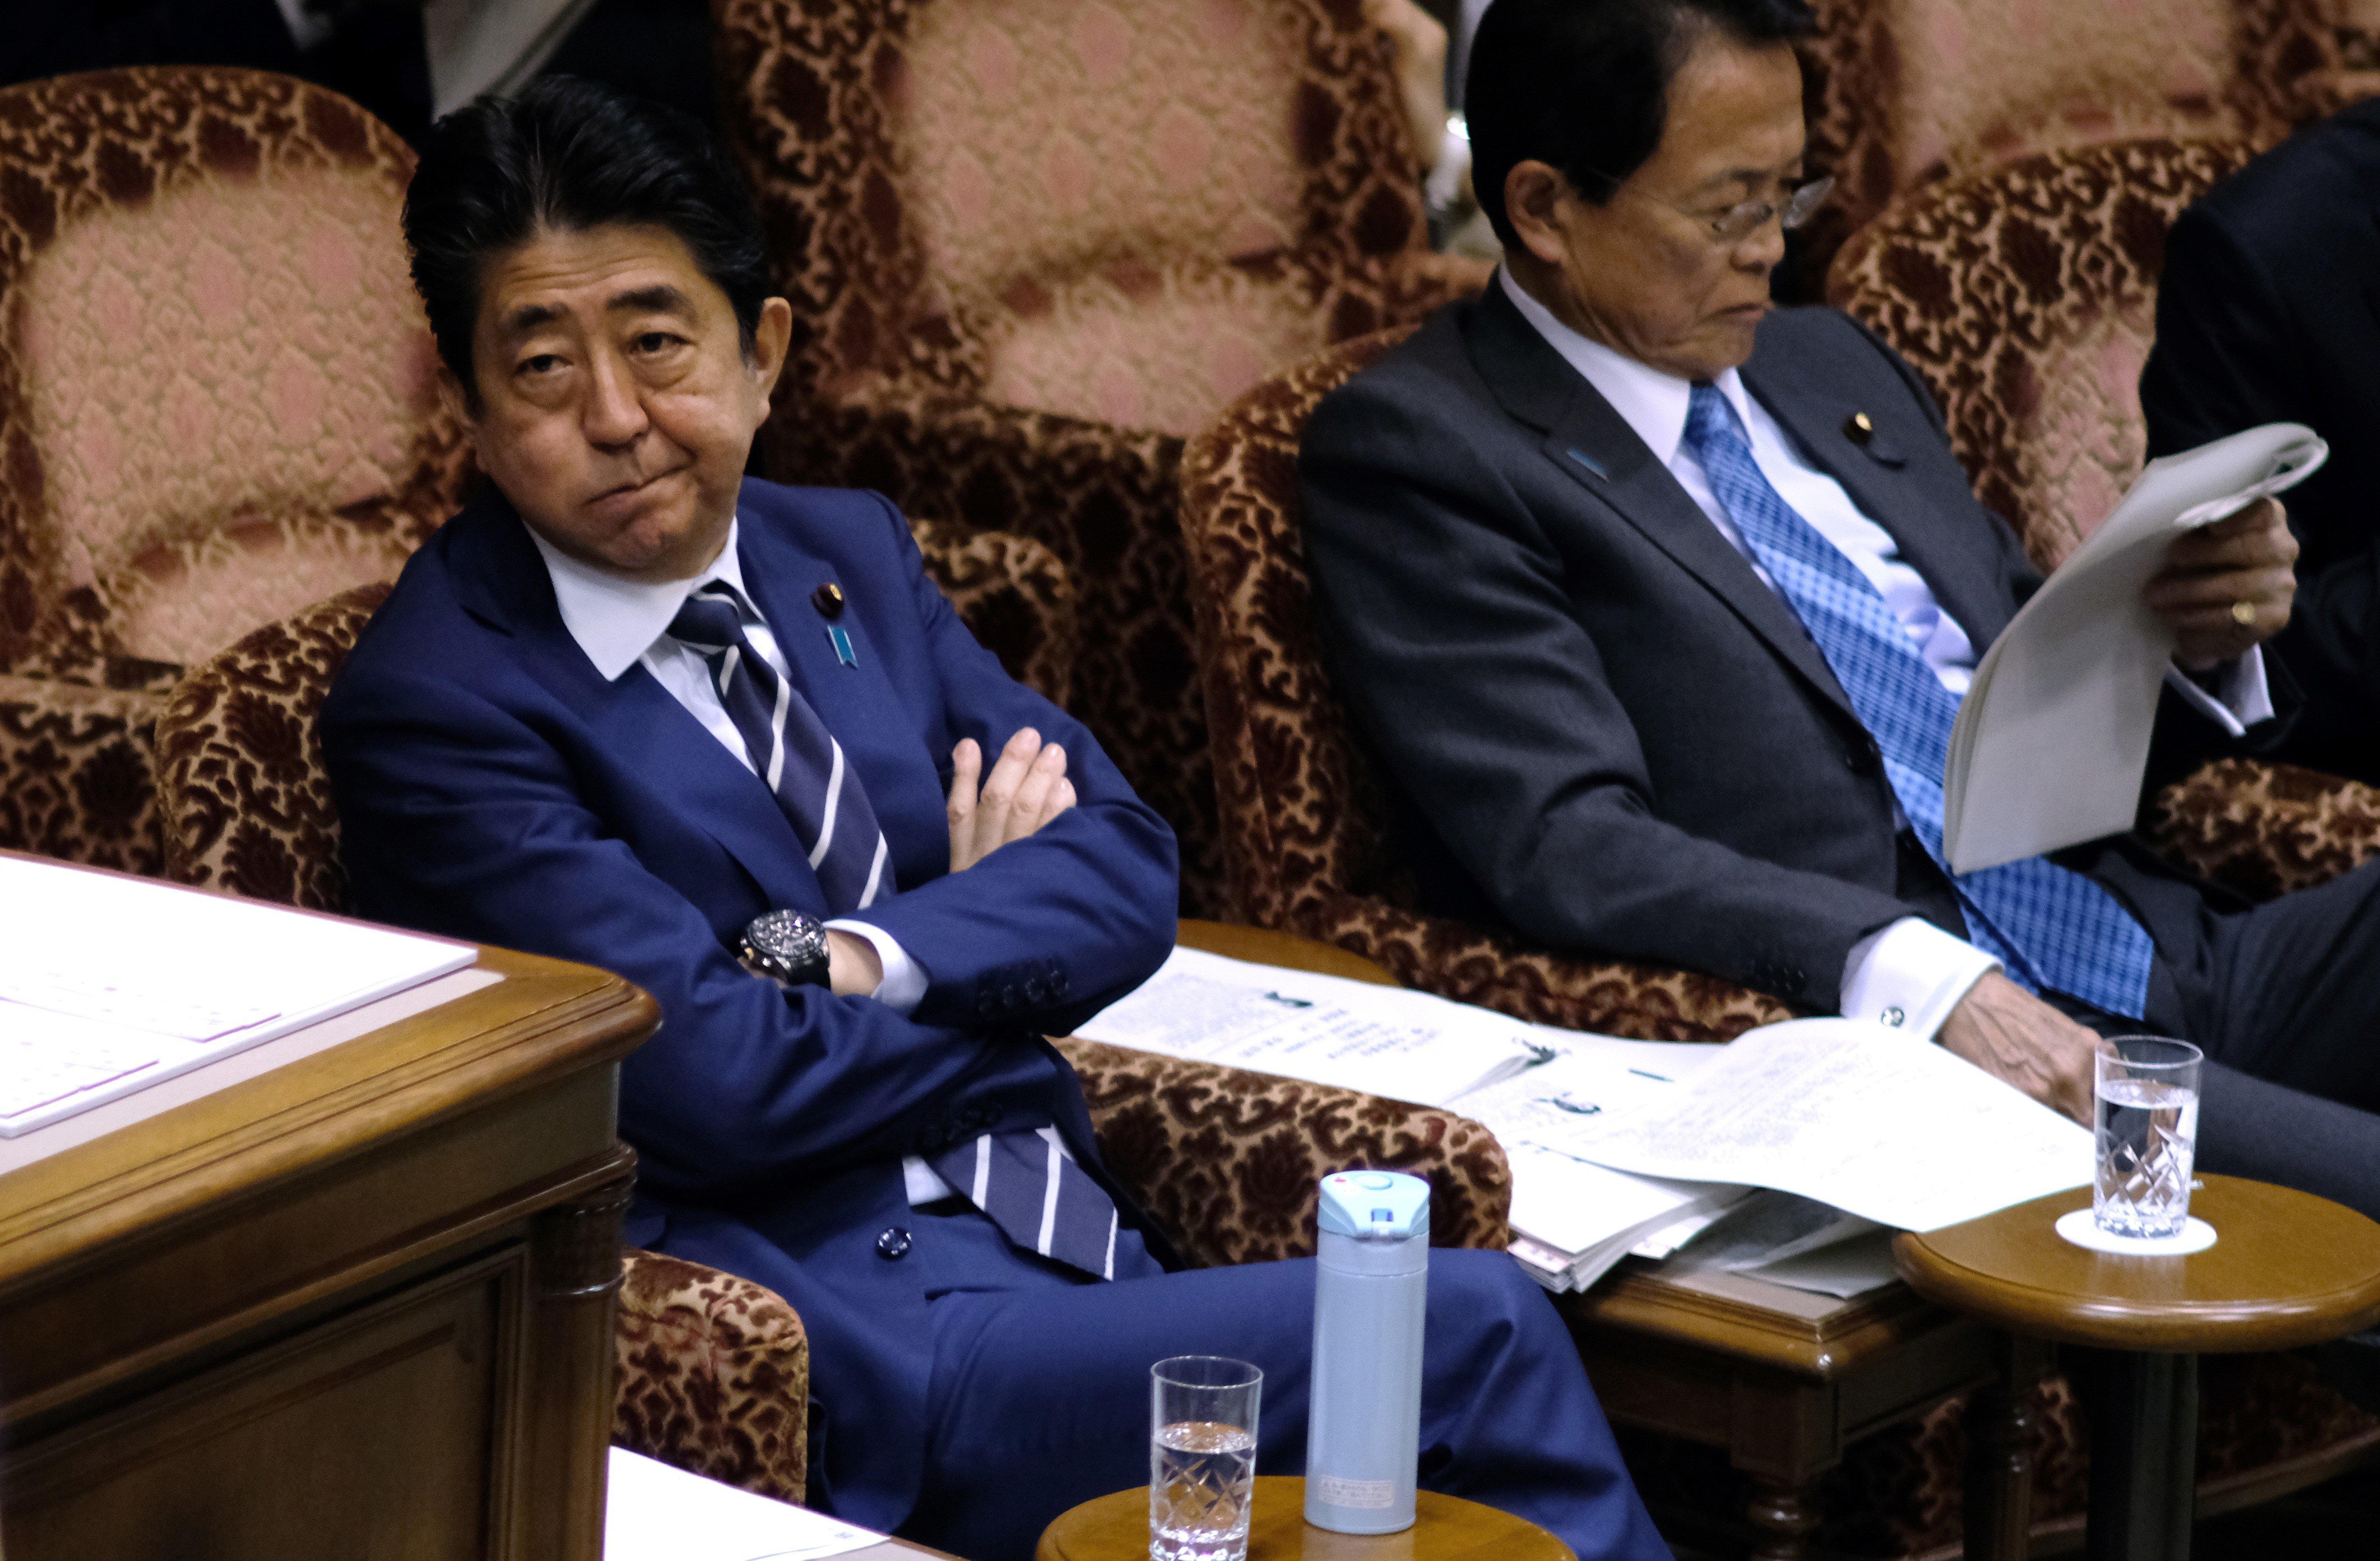 트럼프와 김정은의 만남 가능성에 대한 아베 신조 총리의